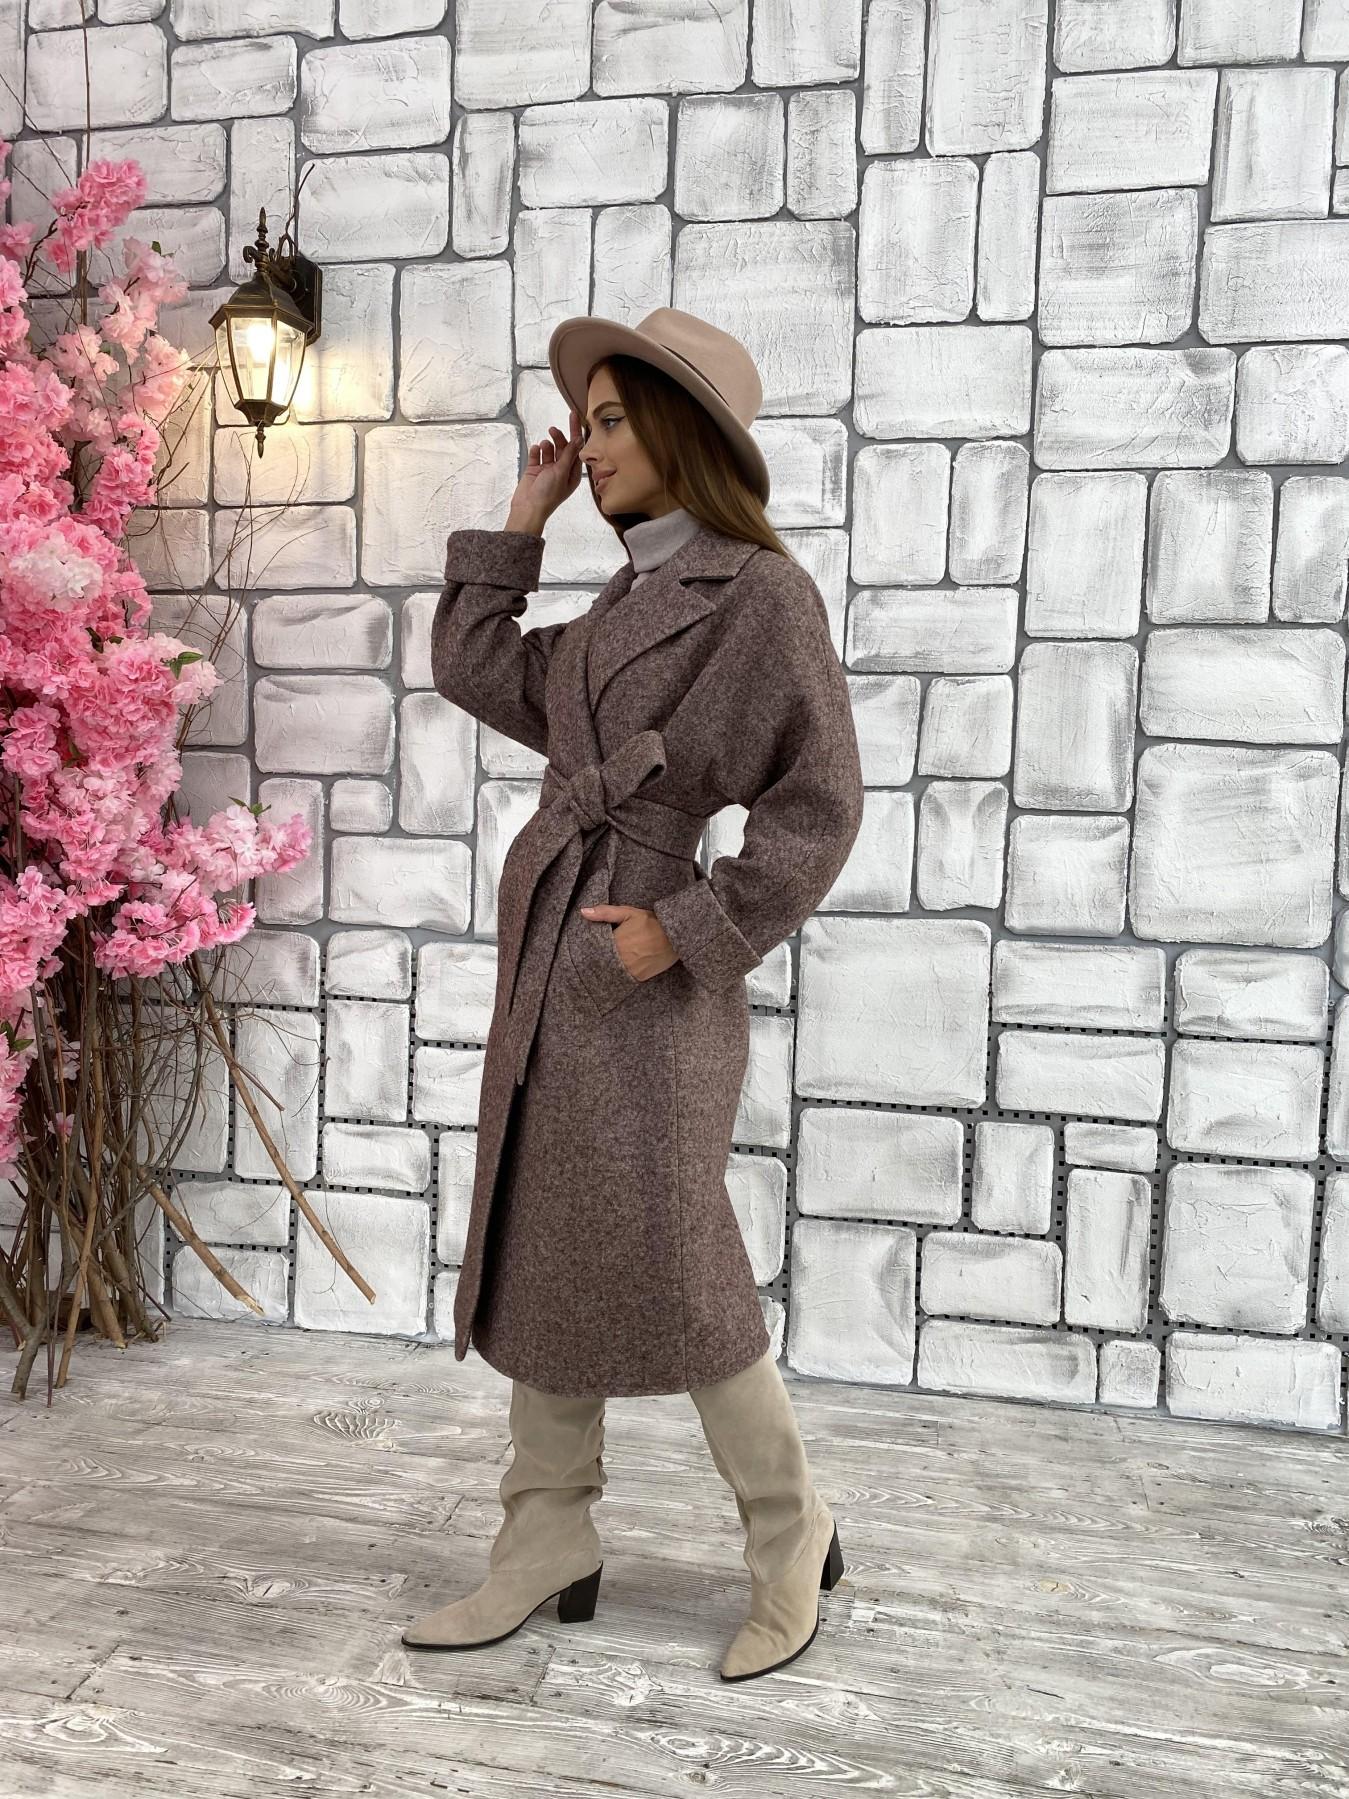 Влада шерсть варенка ткань пальто 11639 АРТ. 48350 Цвет: Кофе - фото 8, интернет магазин tm-modus.ru